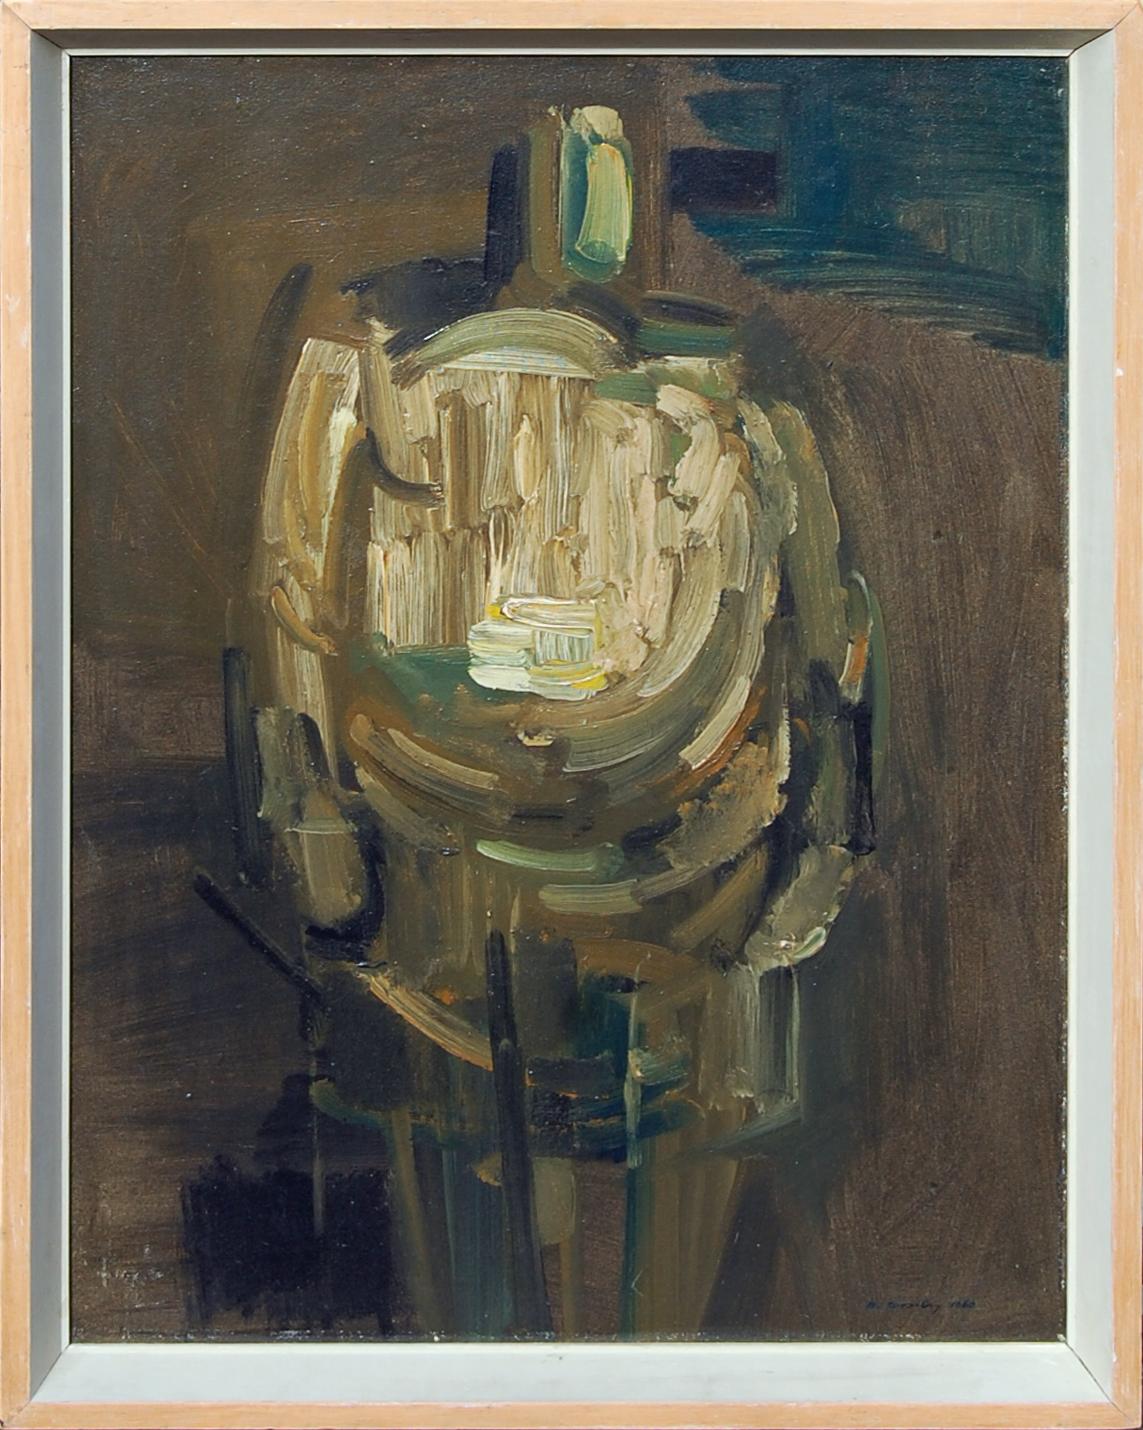 Ochre Figure, Bob Crossley, 1960, Castlegate House Gallery